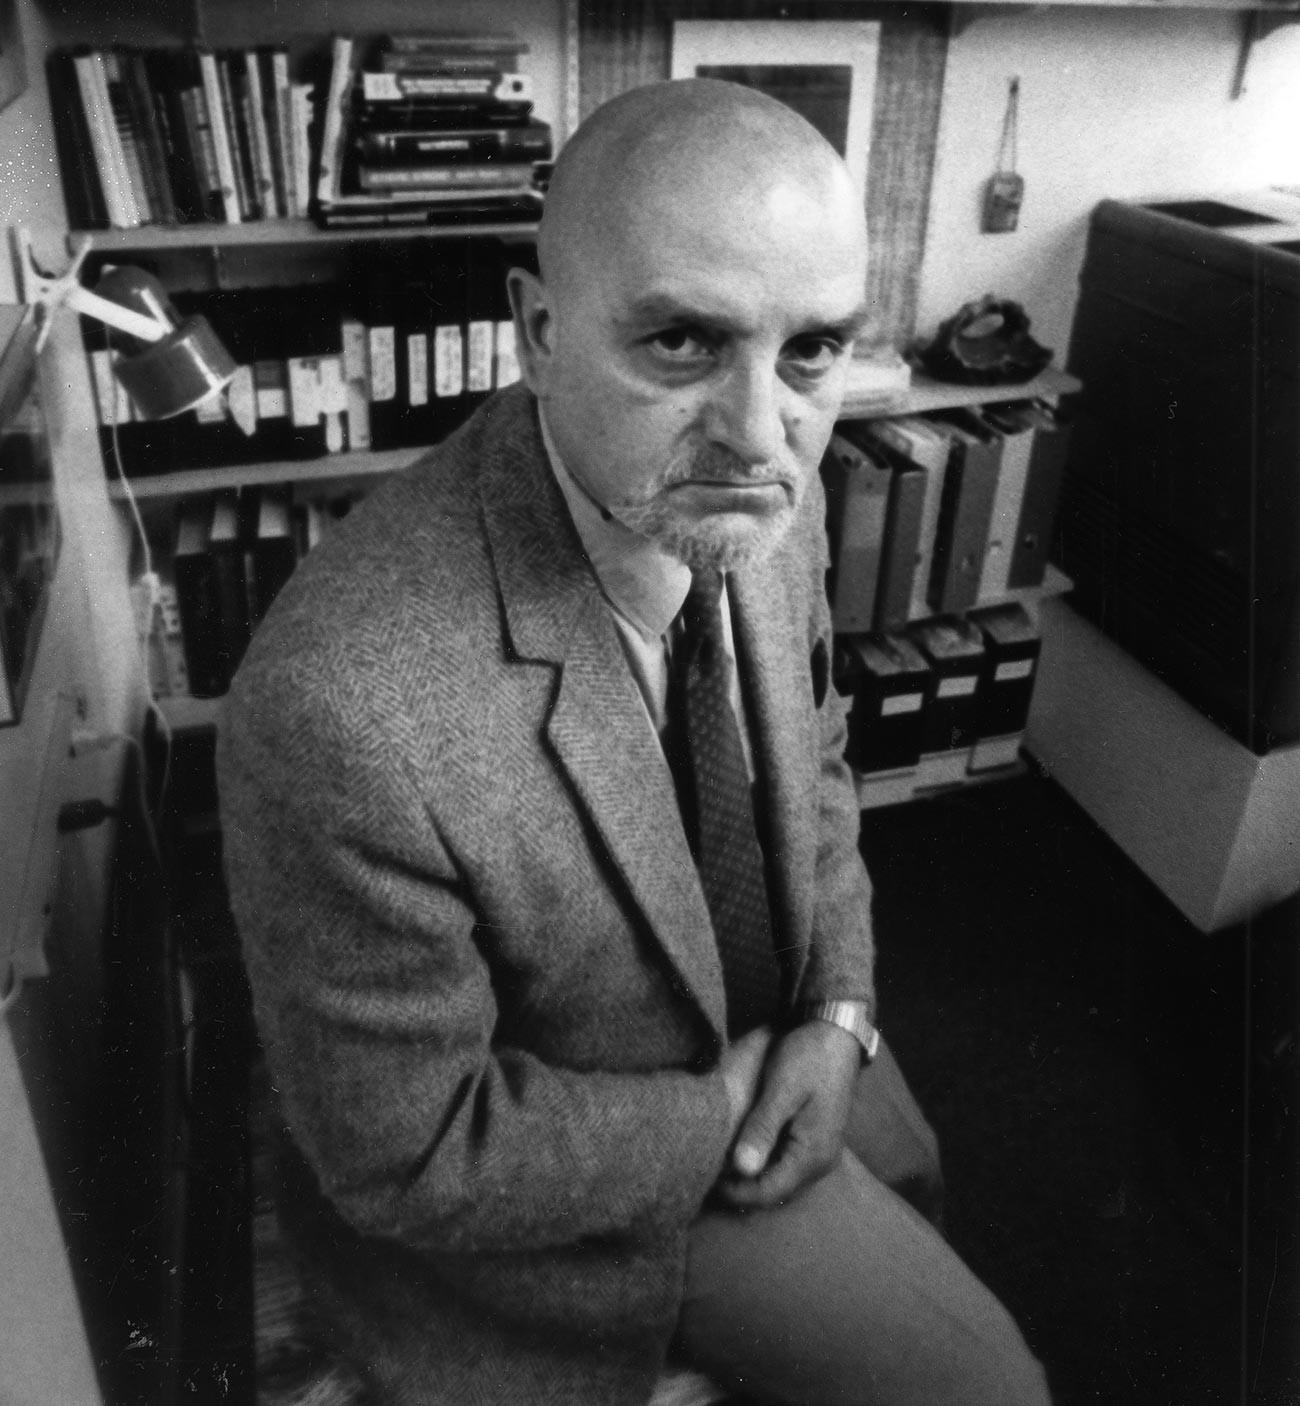 Ladislaw Bittman